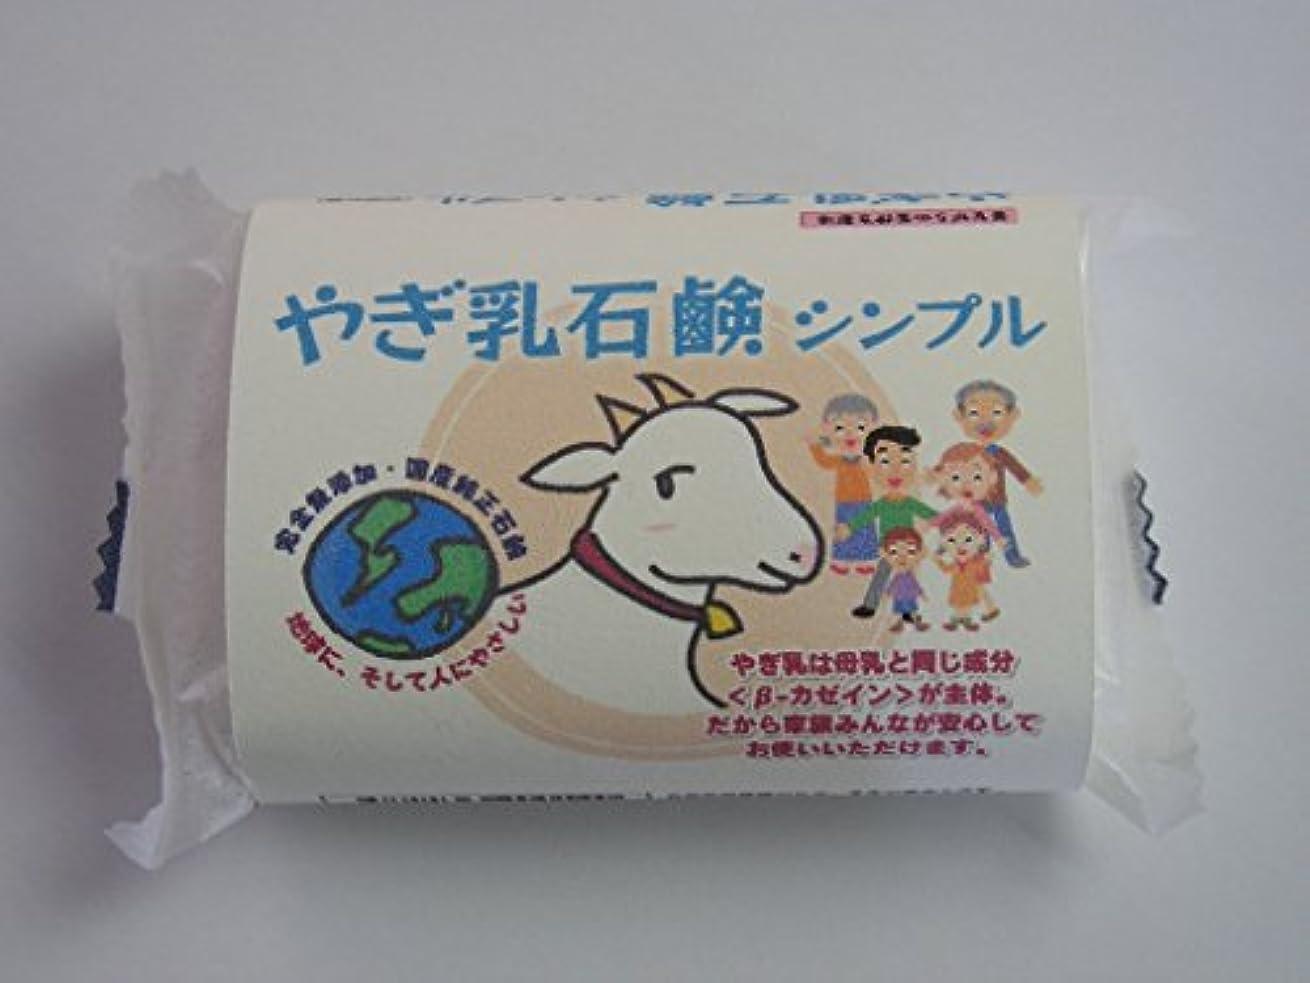 取り消す贅沢ソーセージやぎ乳石鹸シンプル 80g